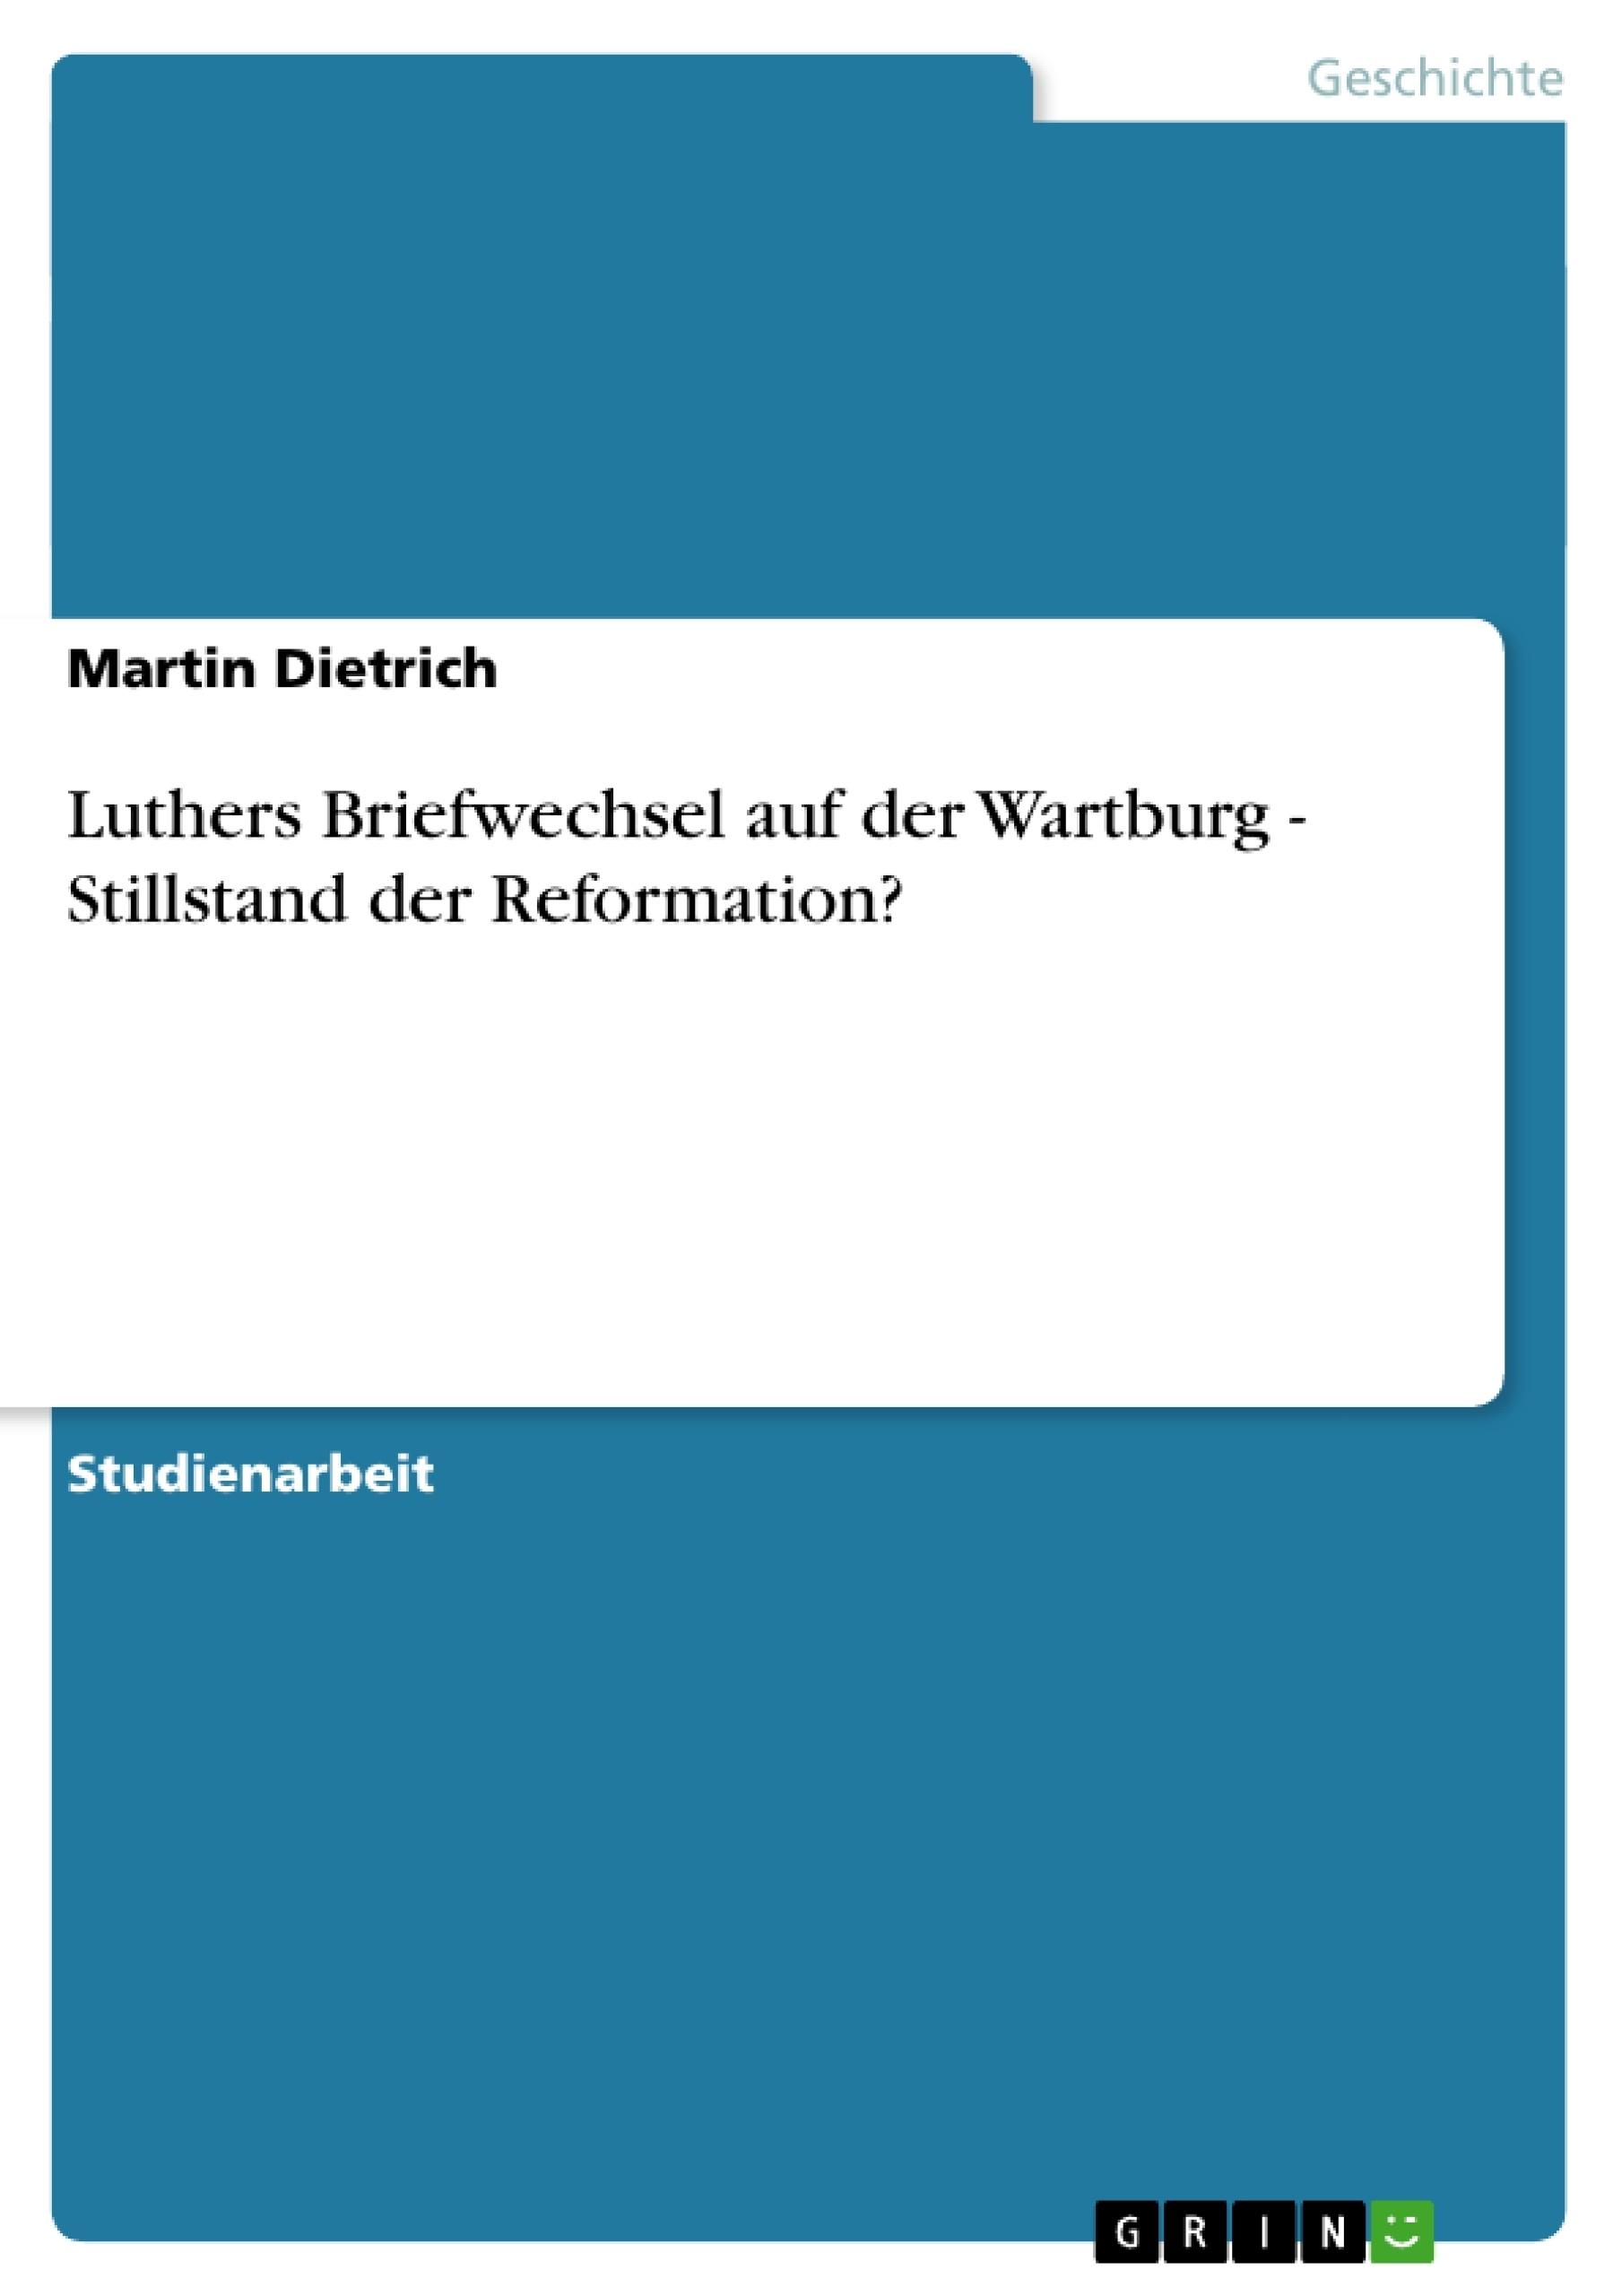 Titel: Luthers Briefwechsel auf der Wartburg - Stillstand der Reformation?